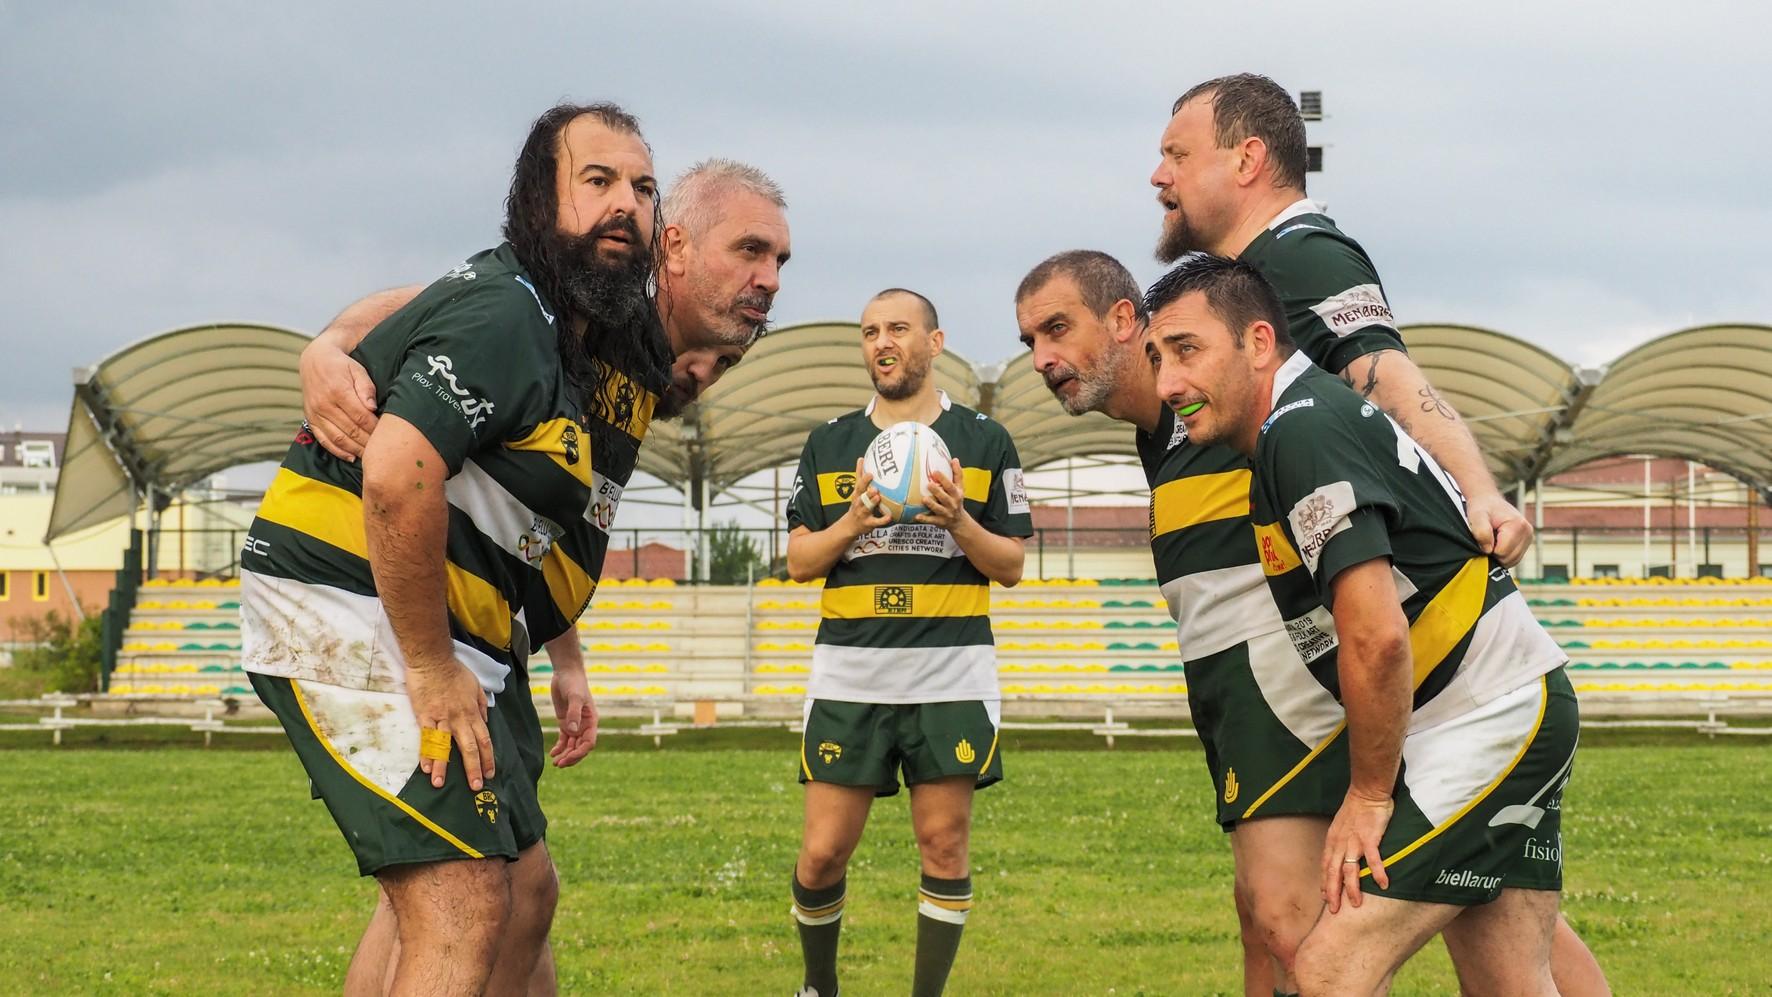 Un momento delle riprese sui campi del Biella Rugby Club